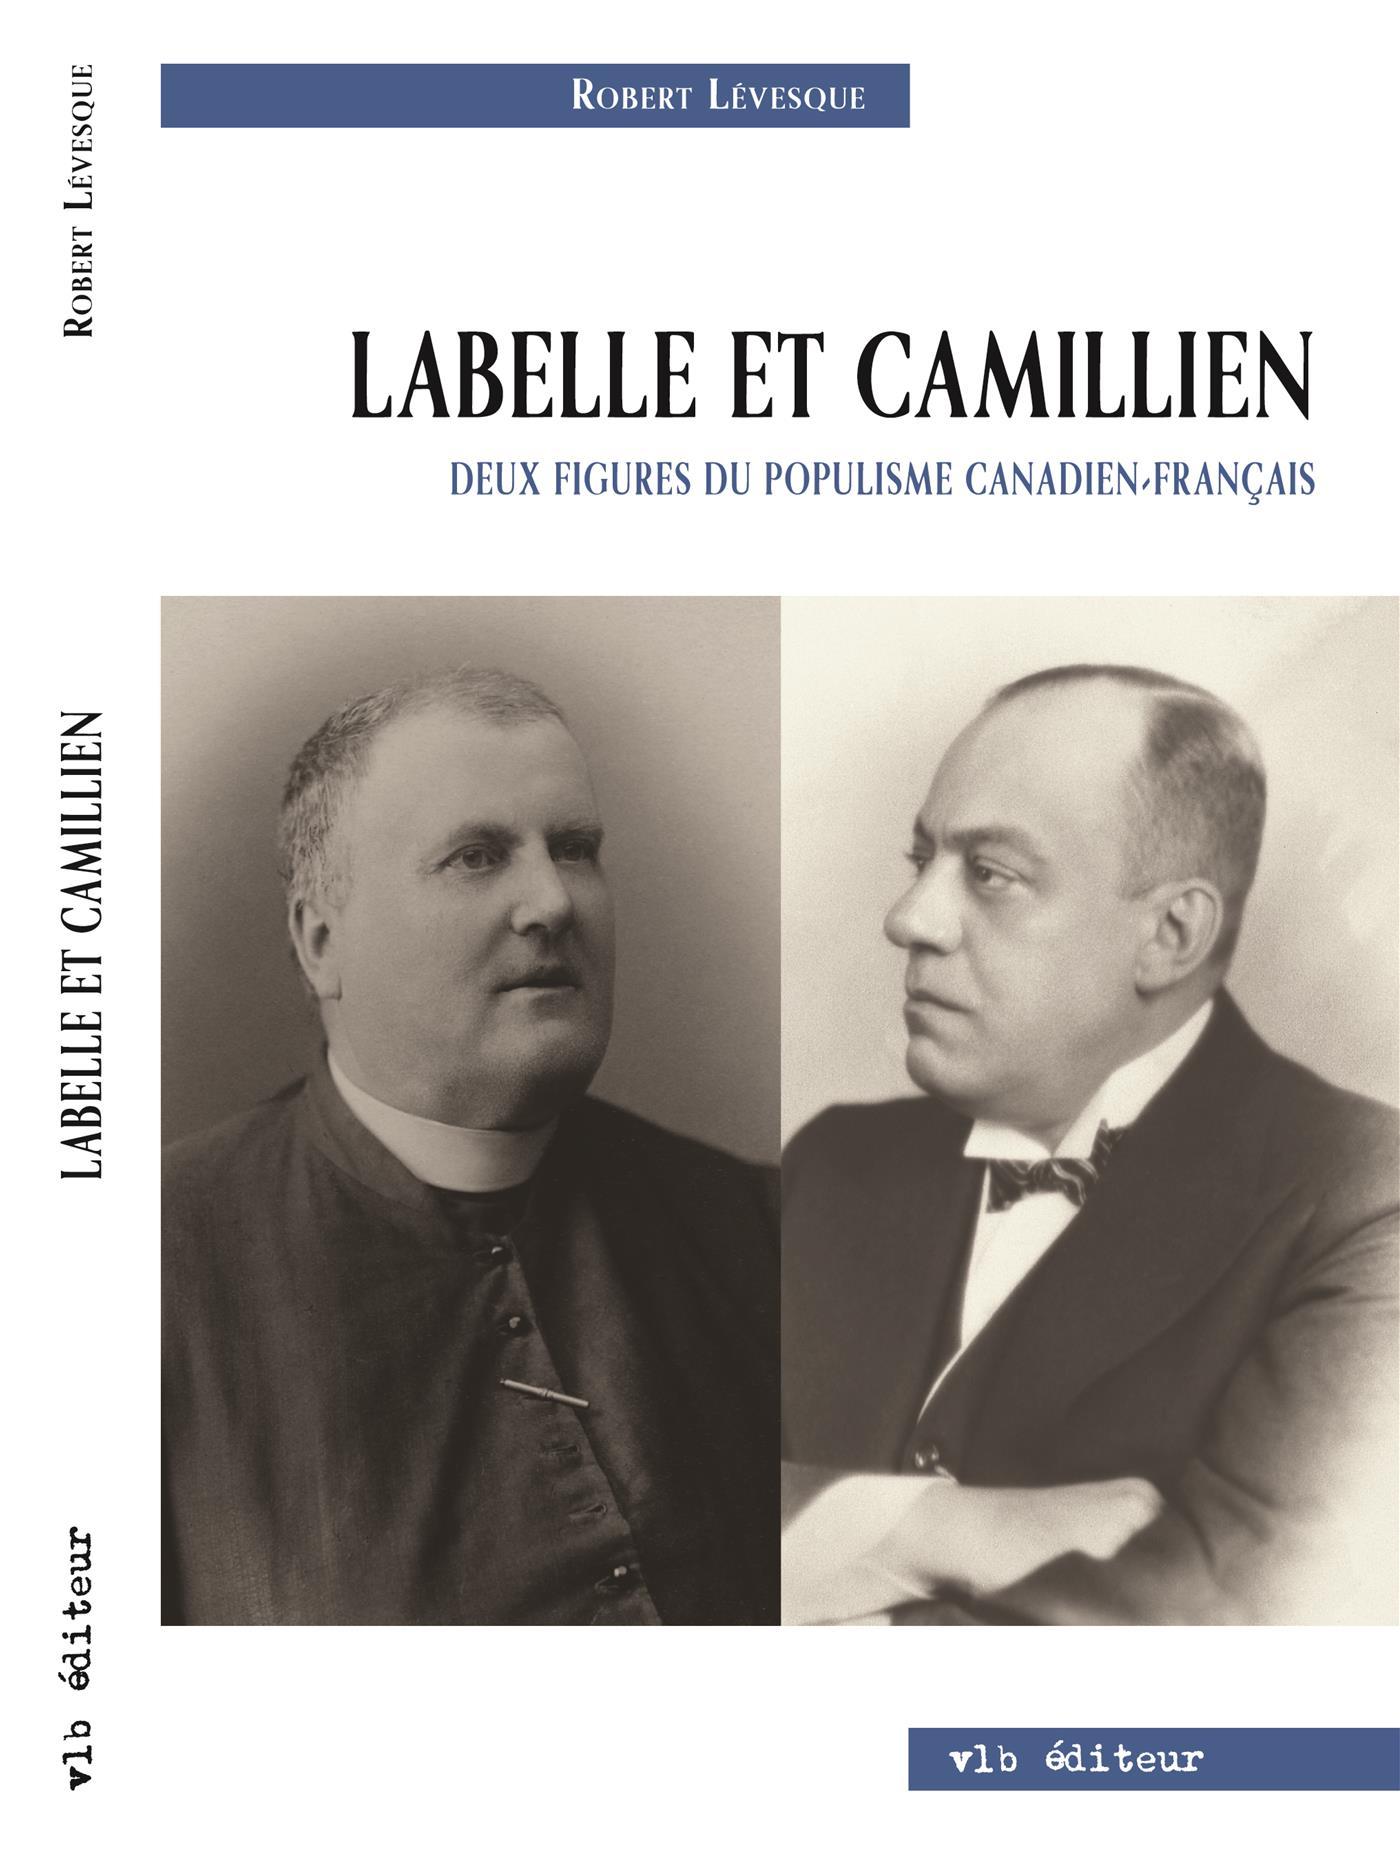 Labelle et Camillien.